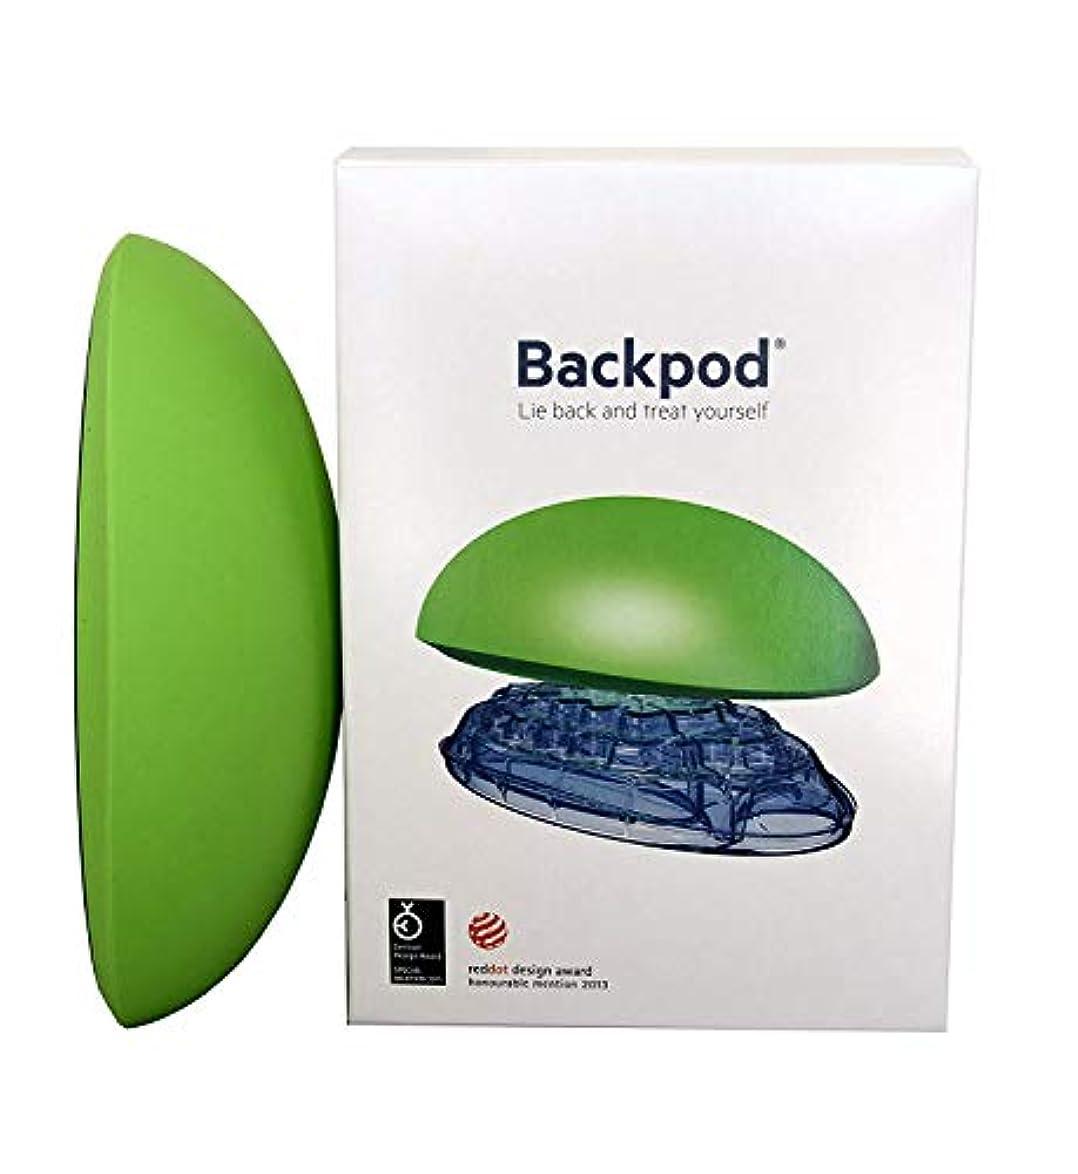 大胆不敵求人揮発性Backpod ― Backpodは、頸部痛、上背部の痛み、頭痛のための高質なトリートメントです。これらの痛みは、スマートフォンやコンピュータを猫背になって使用していることで起こります。また、Backpodは、肋軟骨炎、...